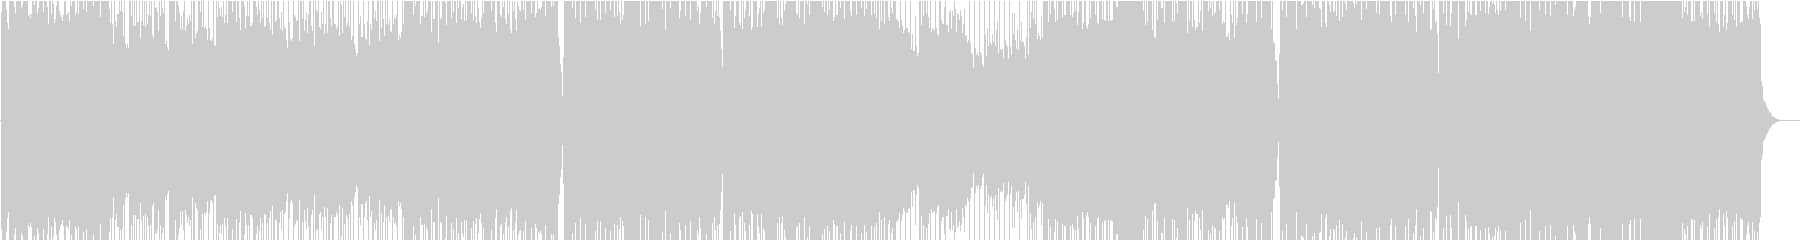 元気な戦闘BGM(ROCK)の未再生の波形